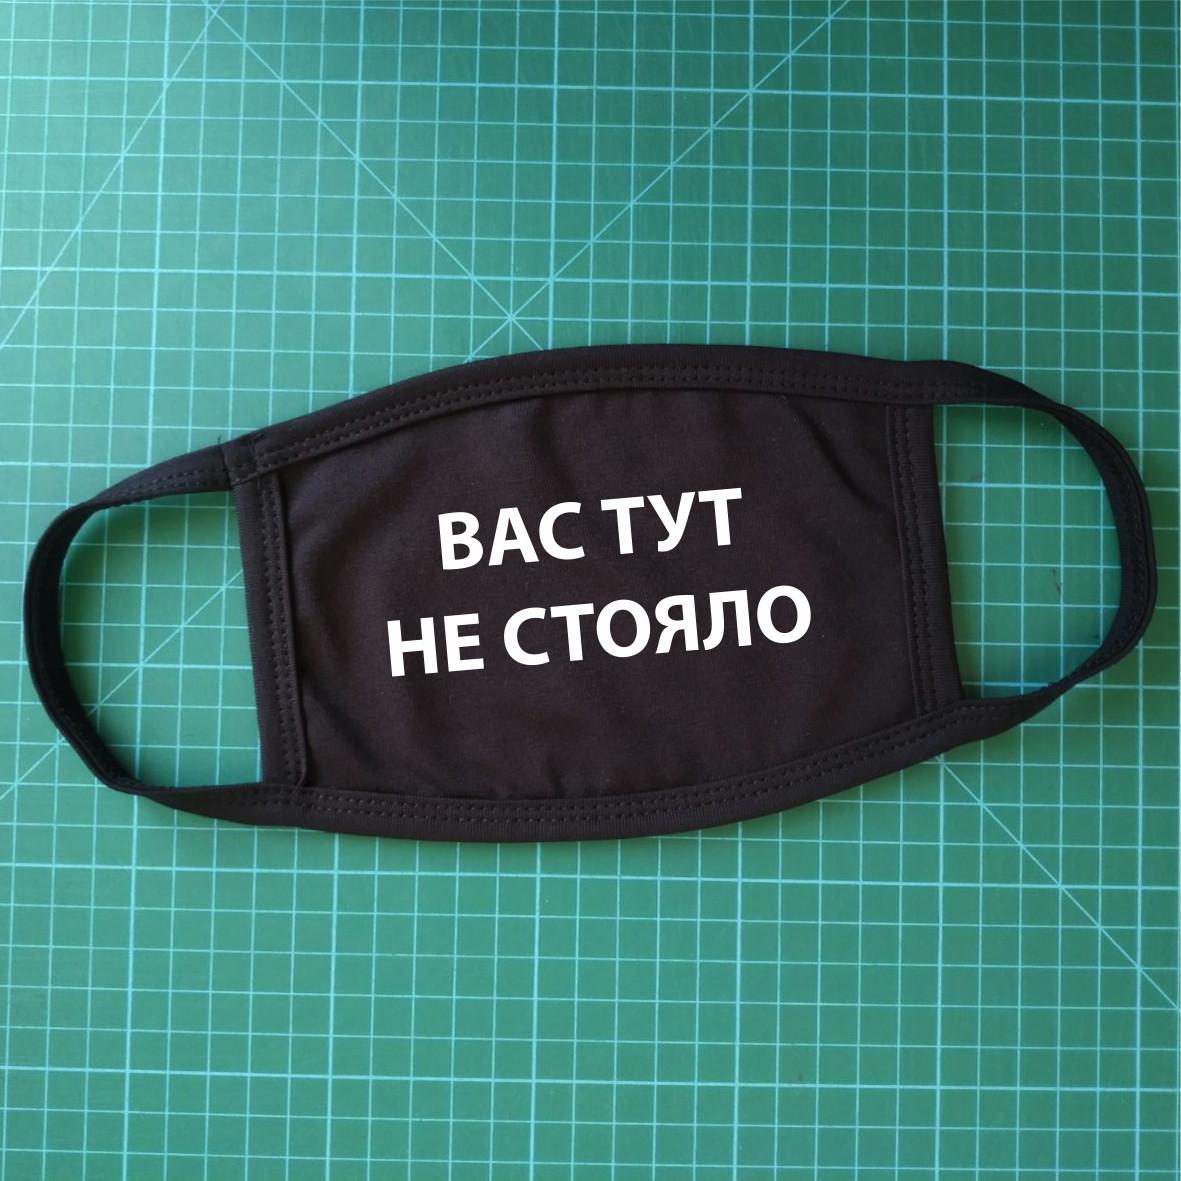 Тканинна сувенірна маска для обличчя. Вас тут не стояло